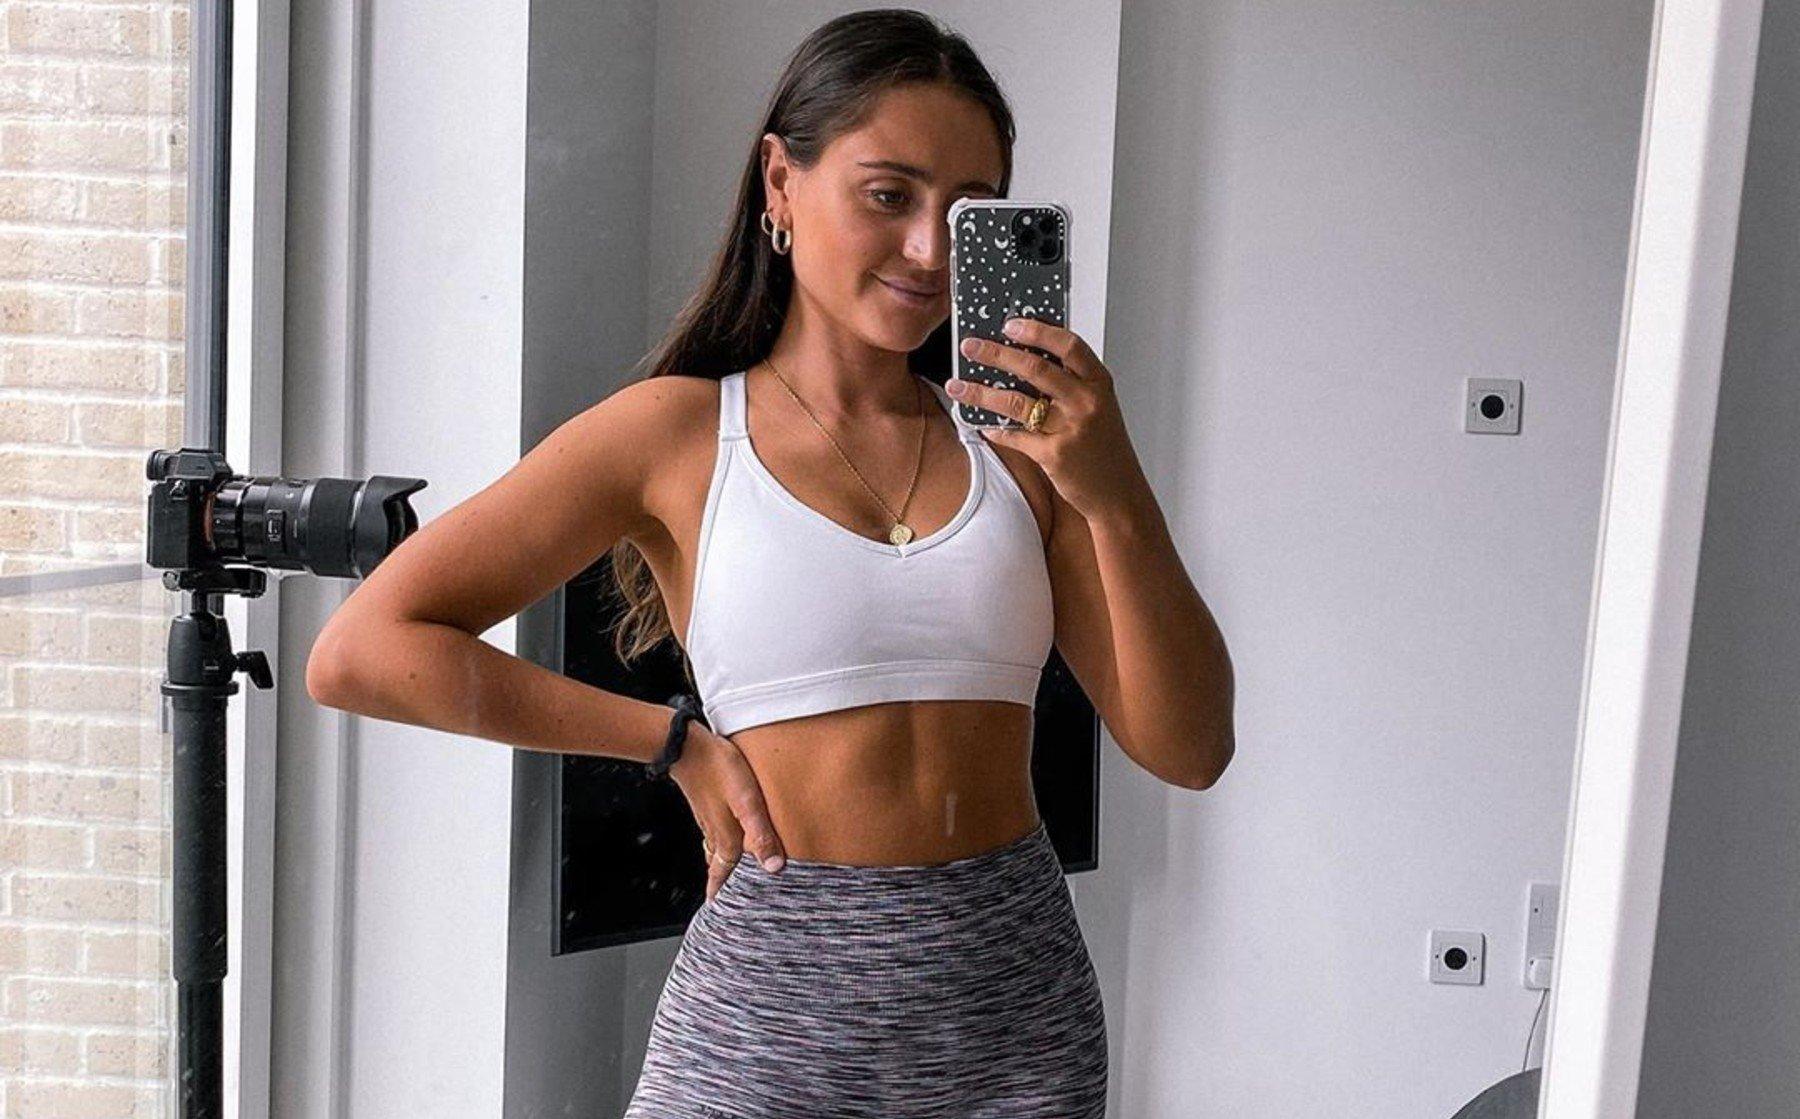 Trainiere HIIT wie Annie Openshaw | Trainingszirkel für den Oberkörper